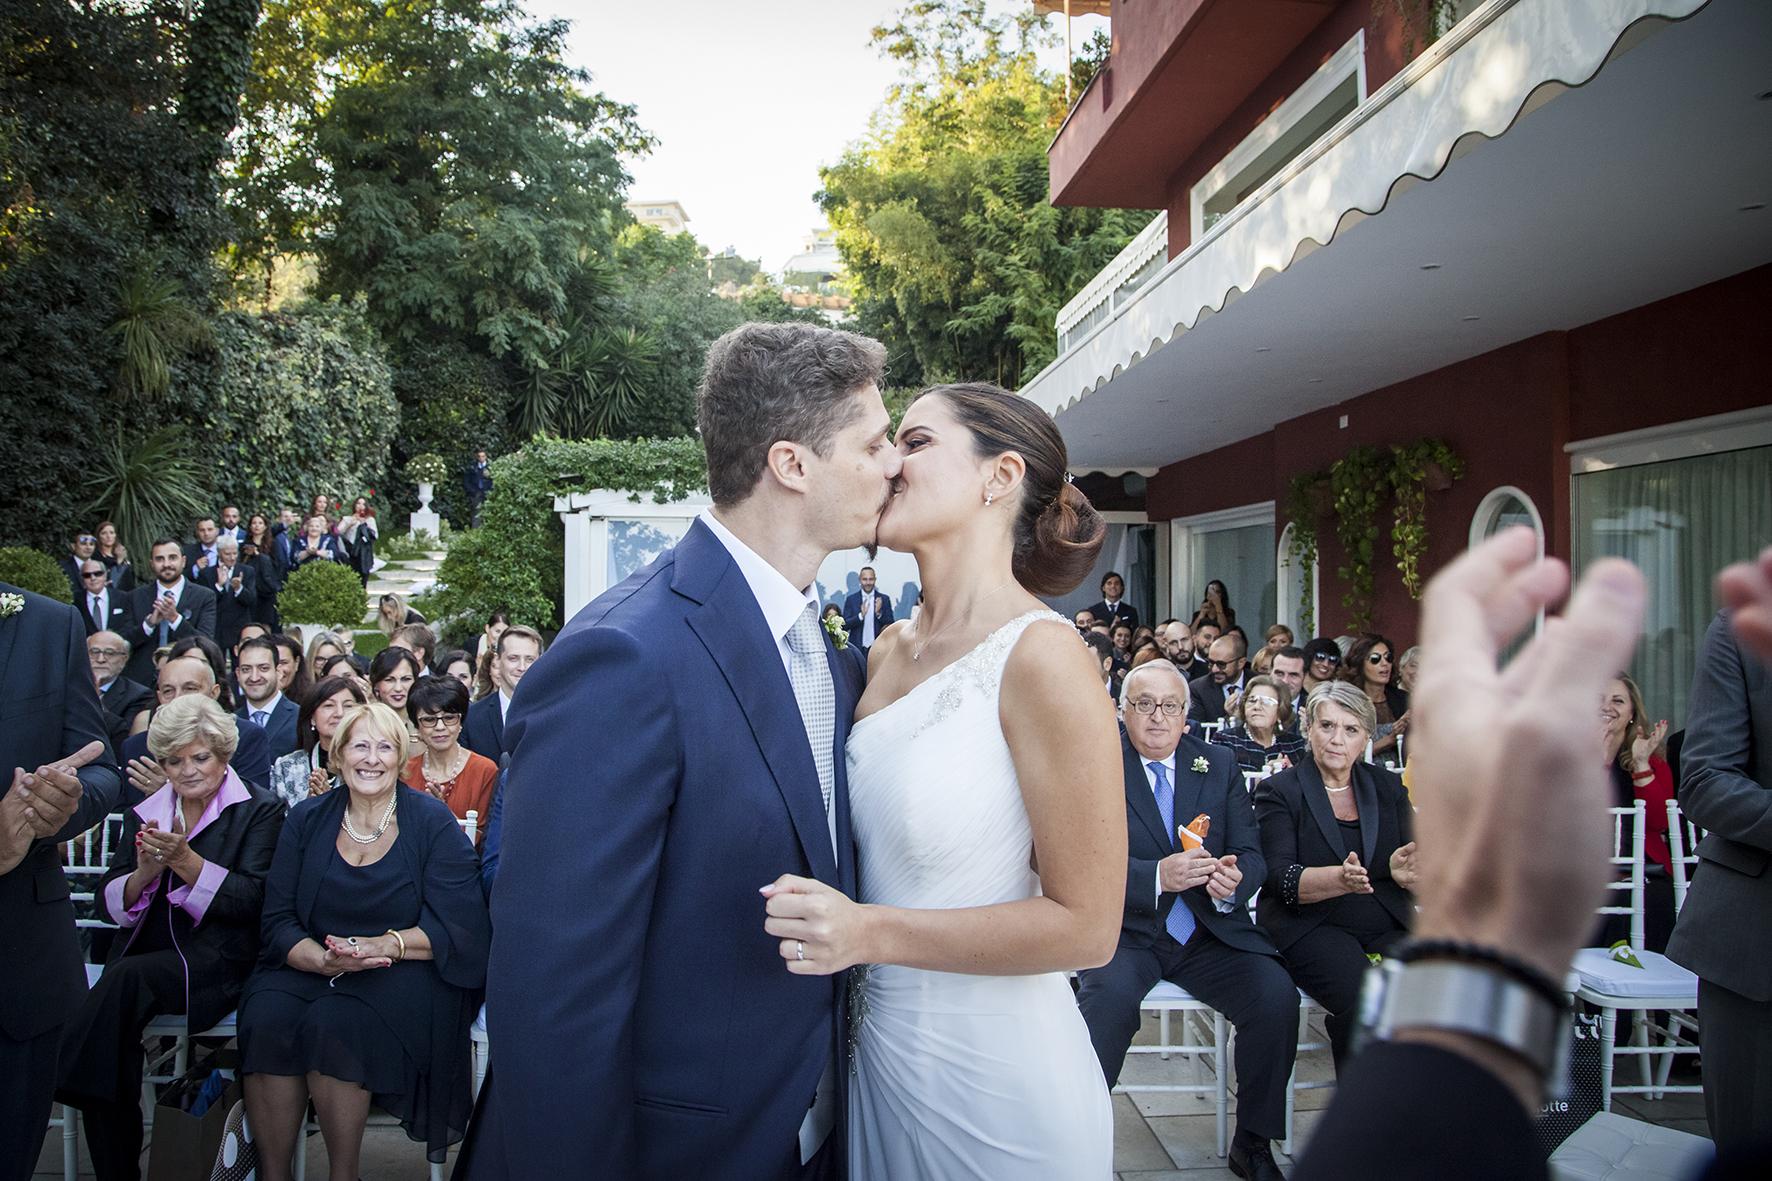 29-fotografia-matrimonio-napoli-cerimonia-bacio-degli-sposi